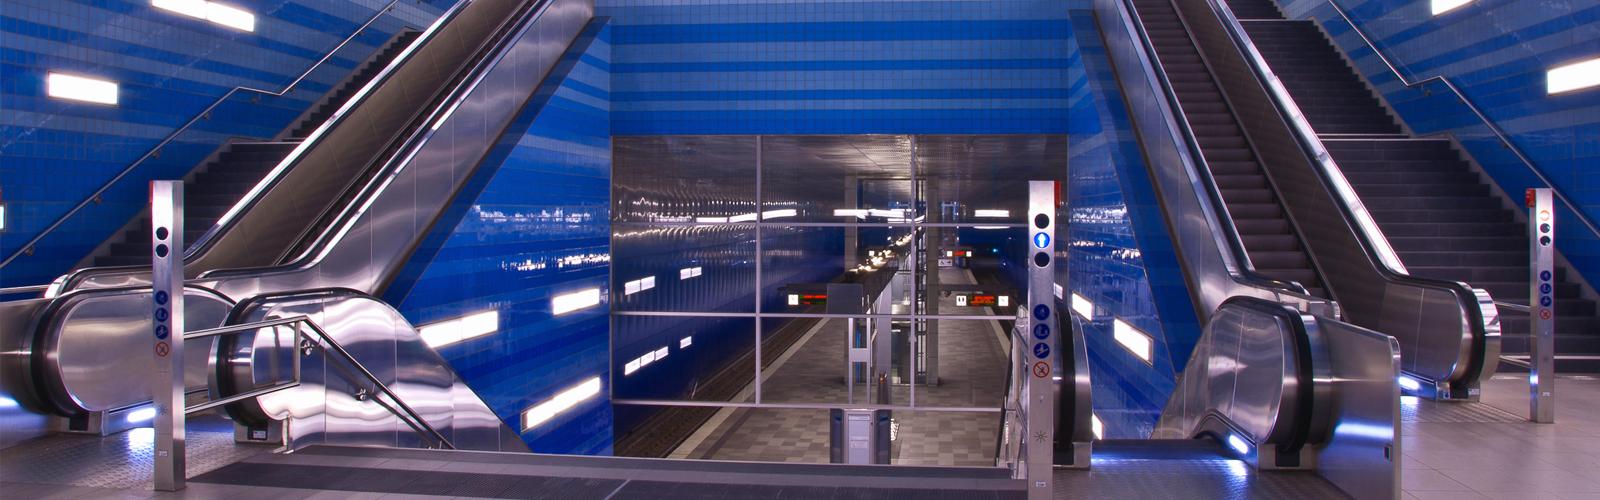 banner-metro-1.jpg